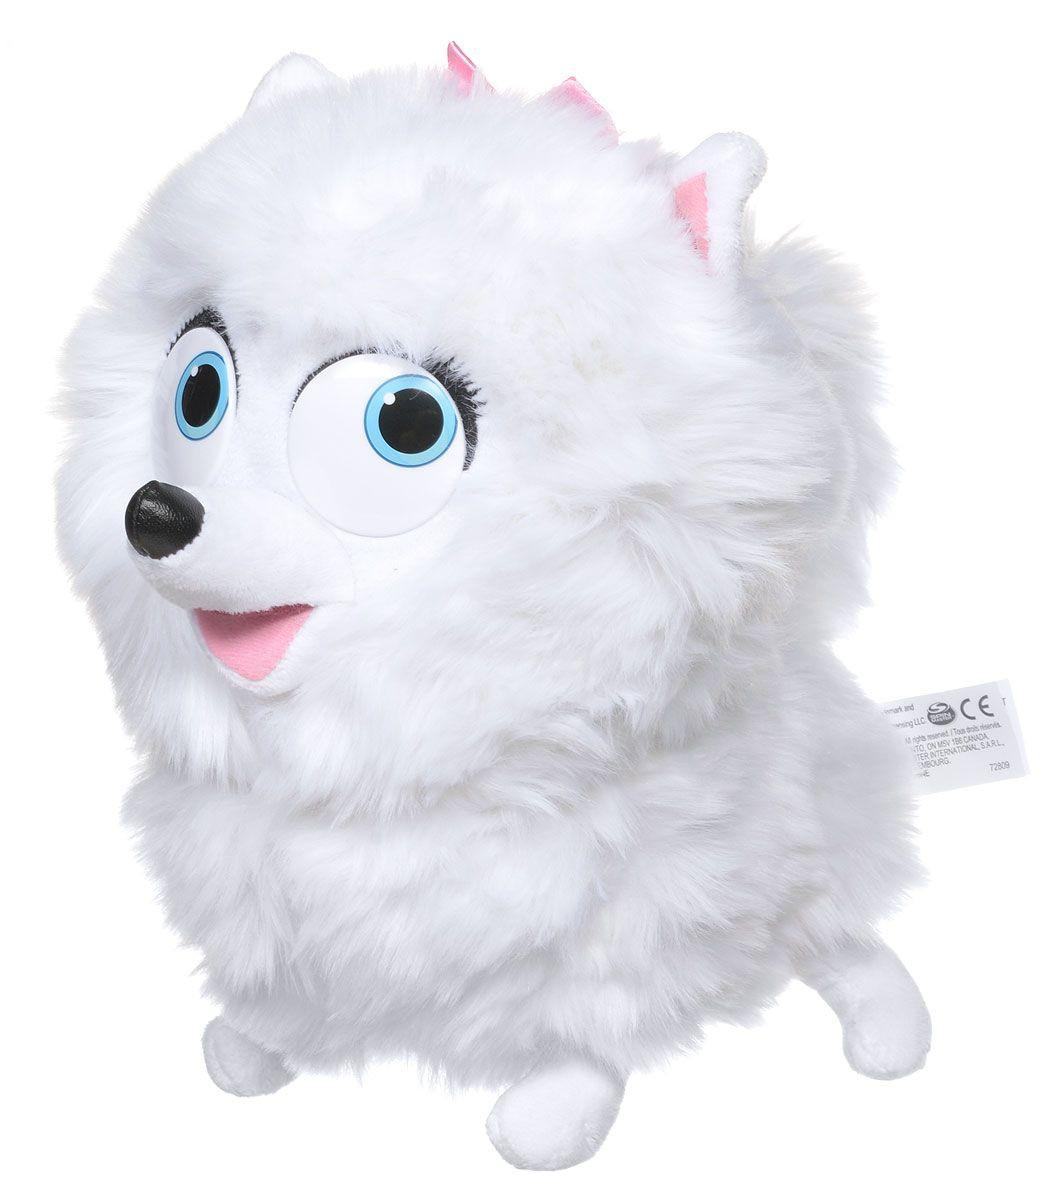 Мягкая игрушка Secret Life of Pets. Шпиц GIDGETТайная жизнь домашних животных (Secret Life of Pets)<br>Мягкая игрушка Secret Life of Pets. Шпиц GIDGET<br>